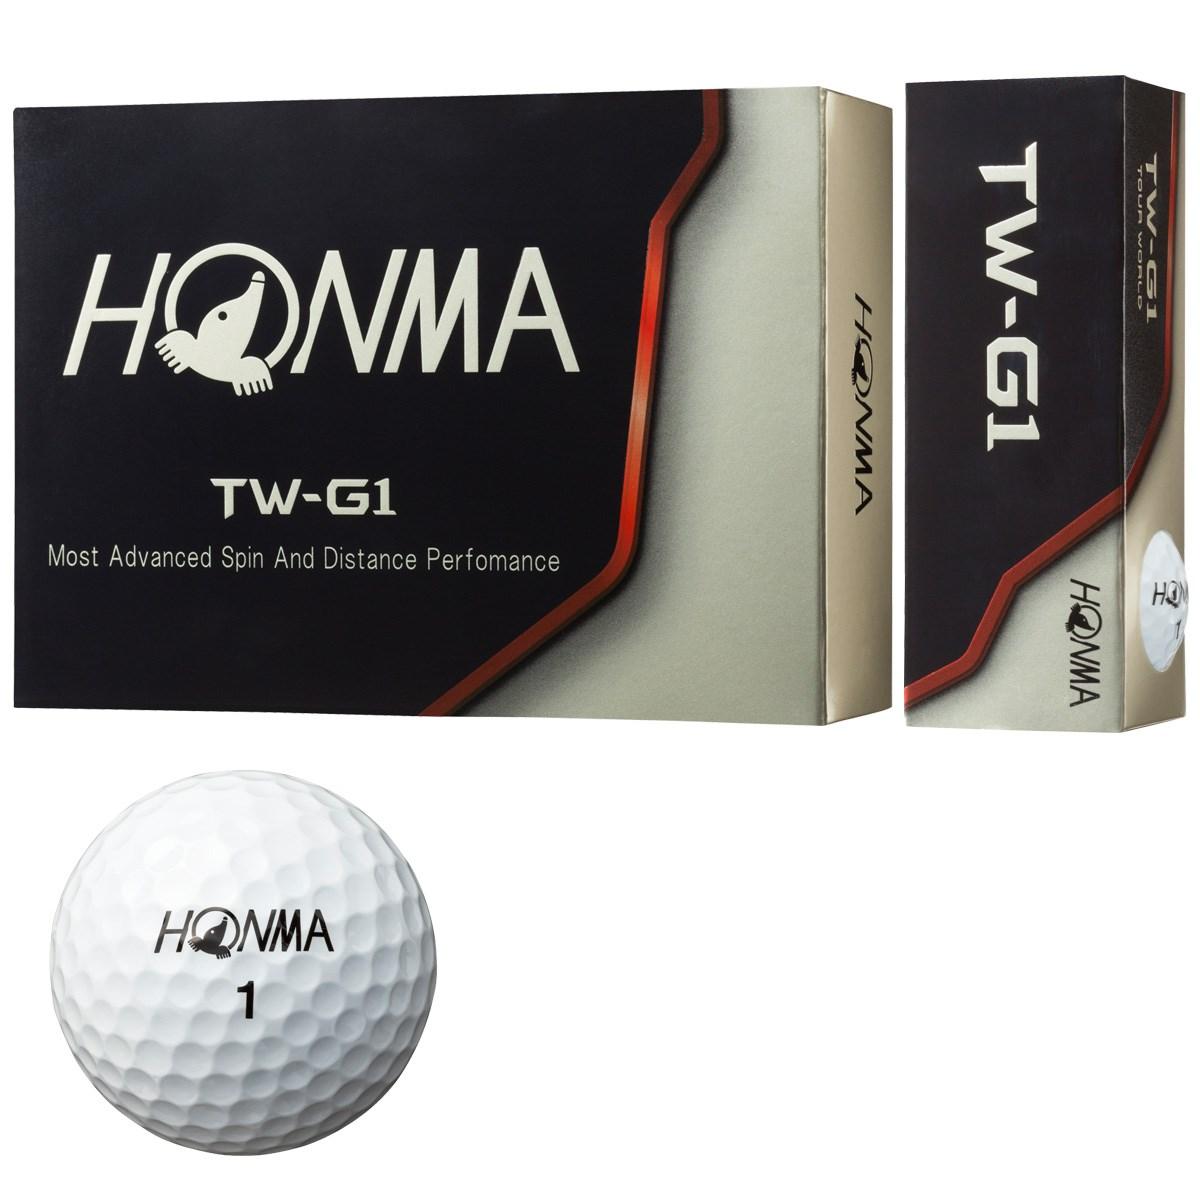 本間ゴルフ(HONMA GOLF) TW-G1 ボール